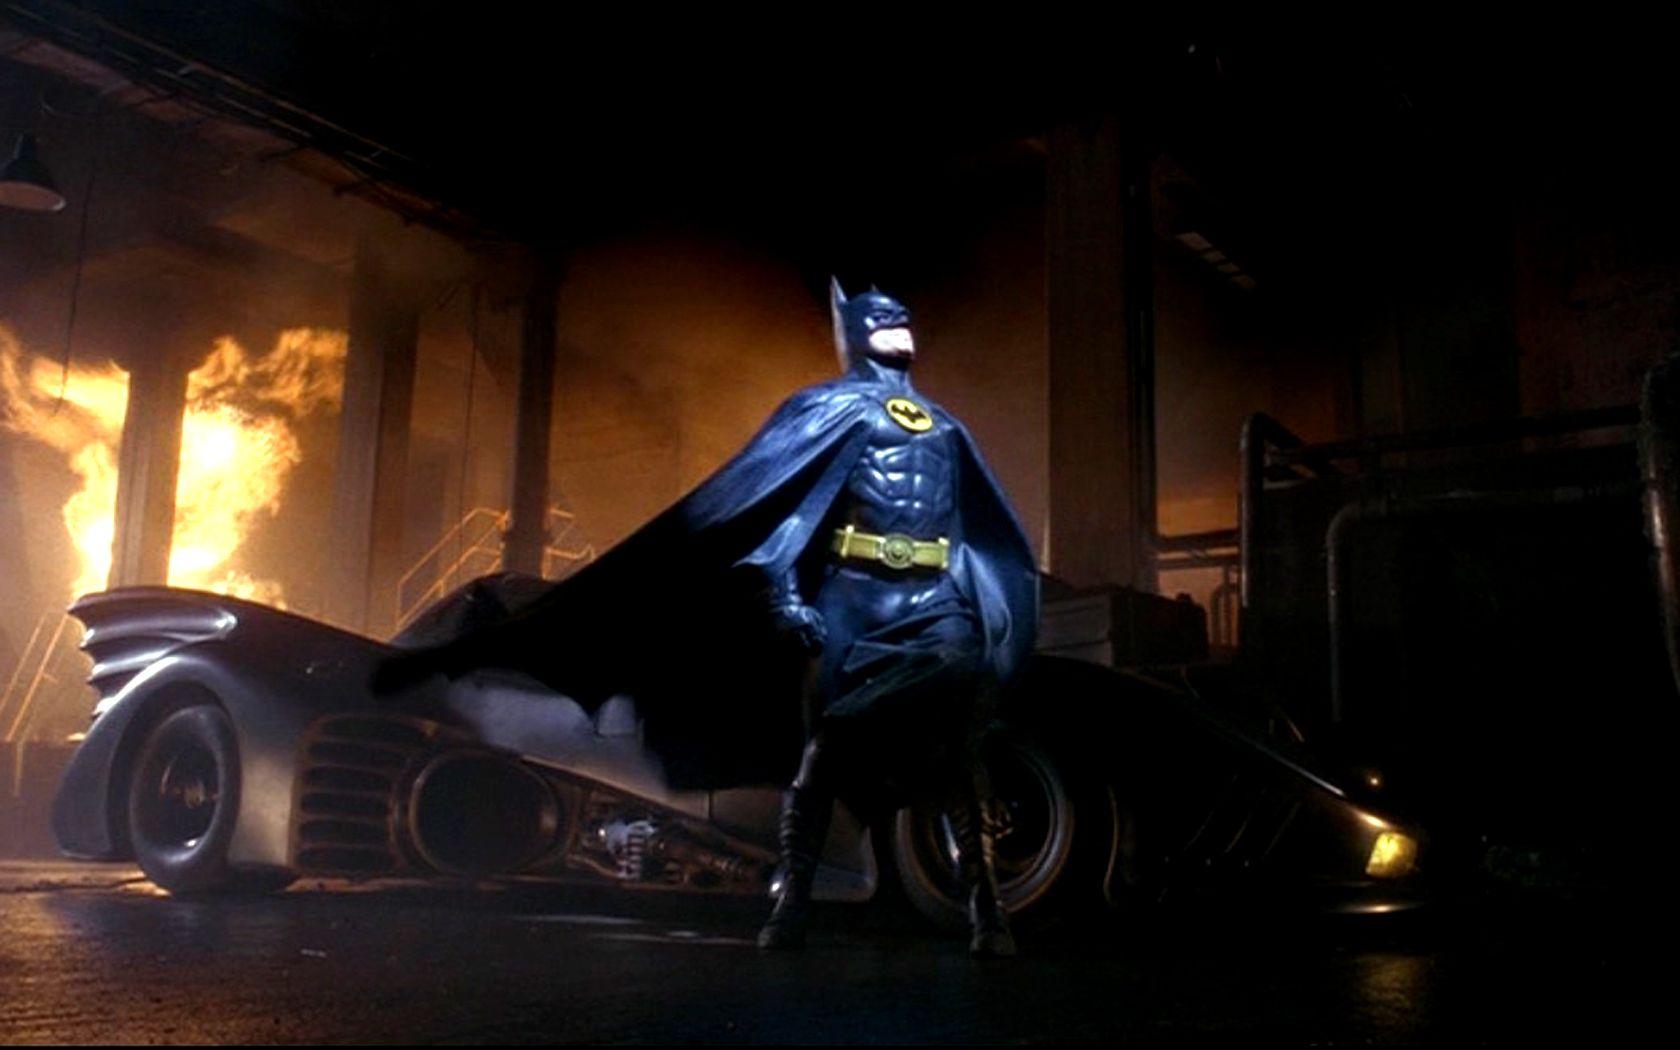 Batman With Batmobile Portrait Wallpaper 1680x1050